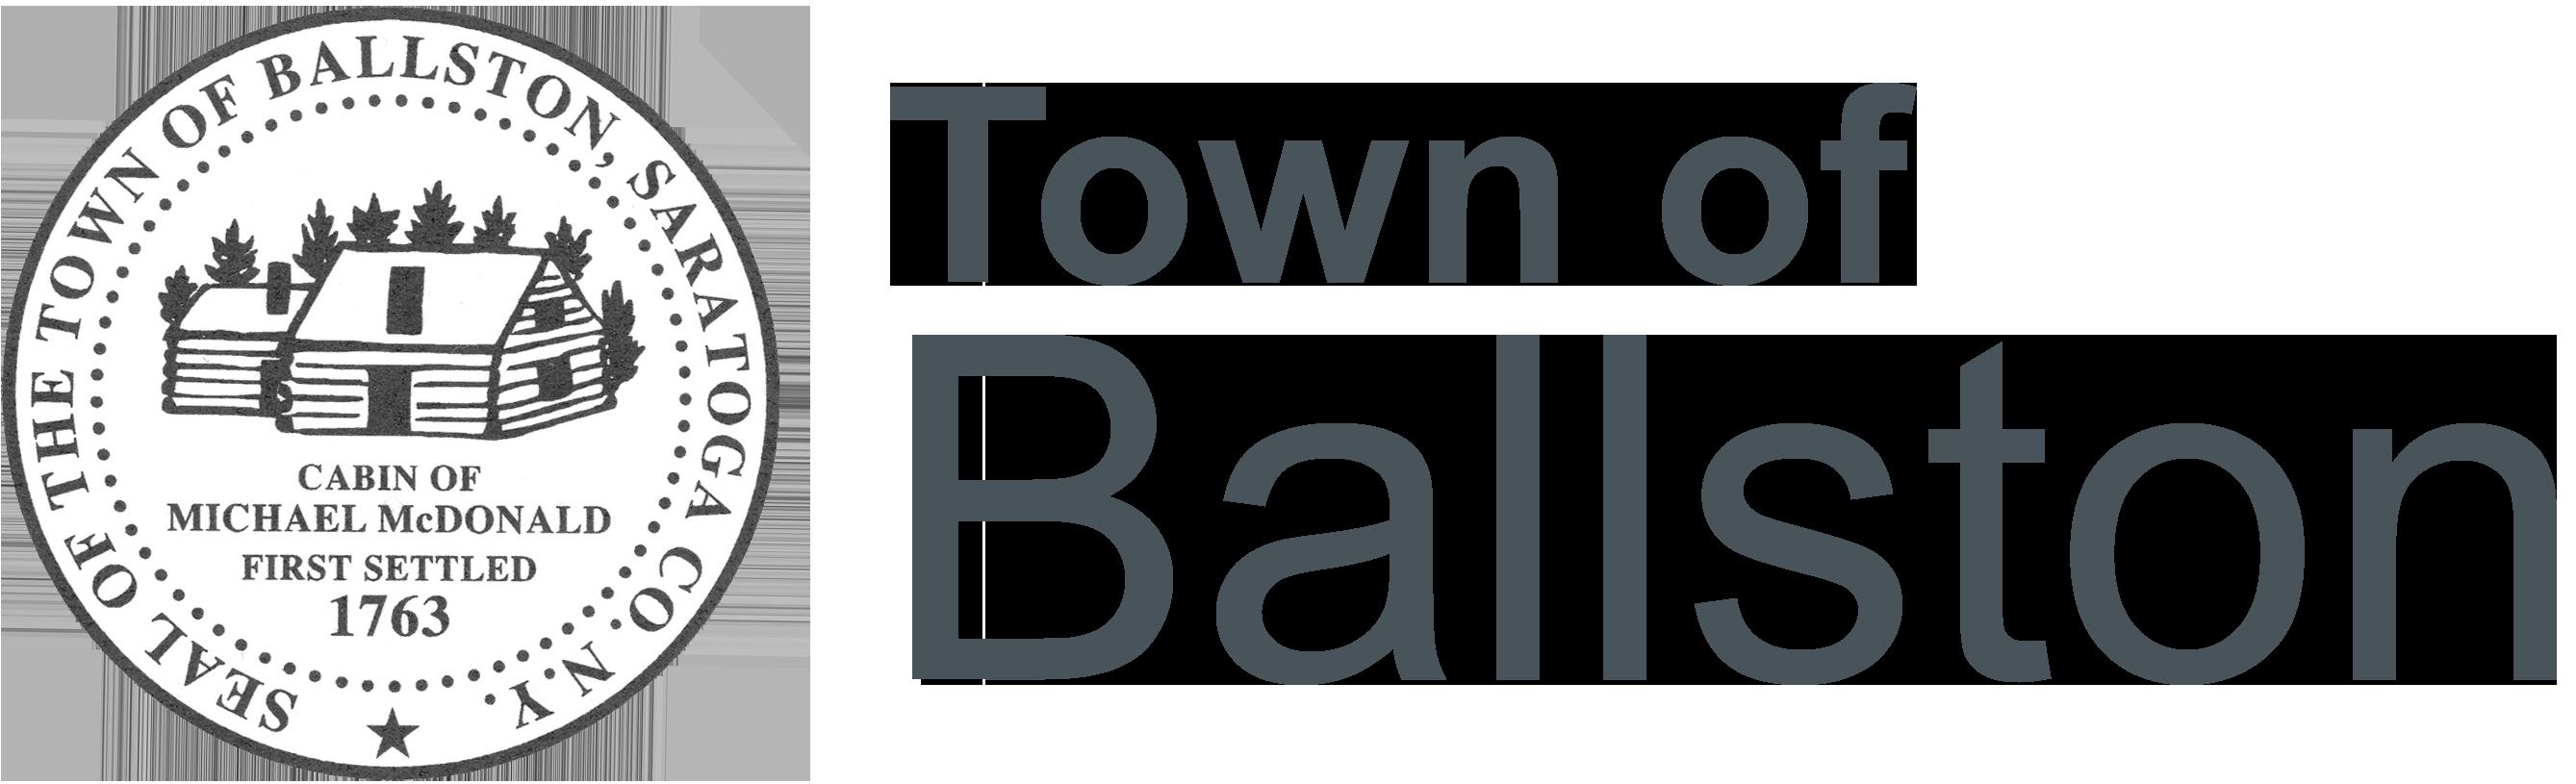 Town of Ballston